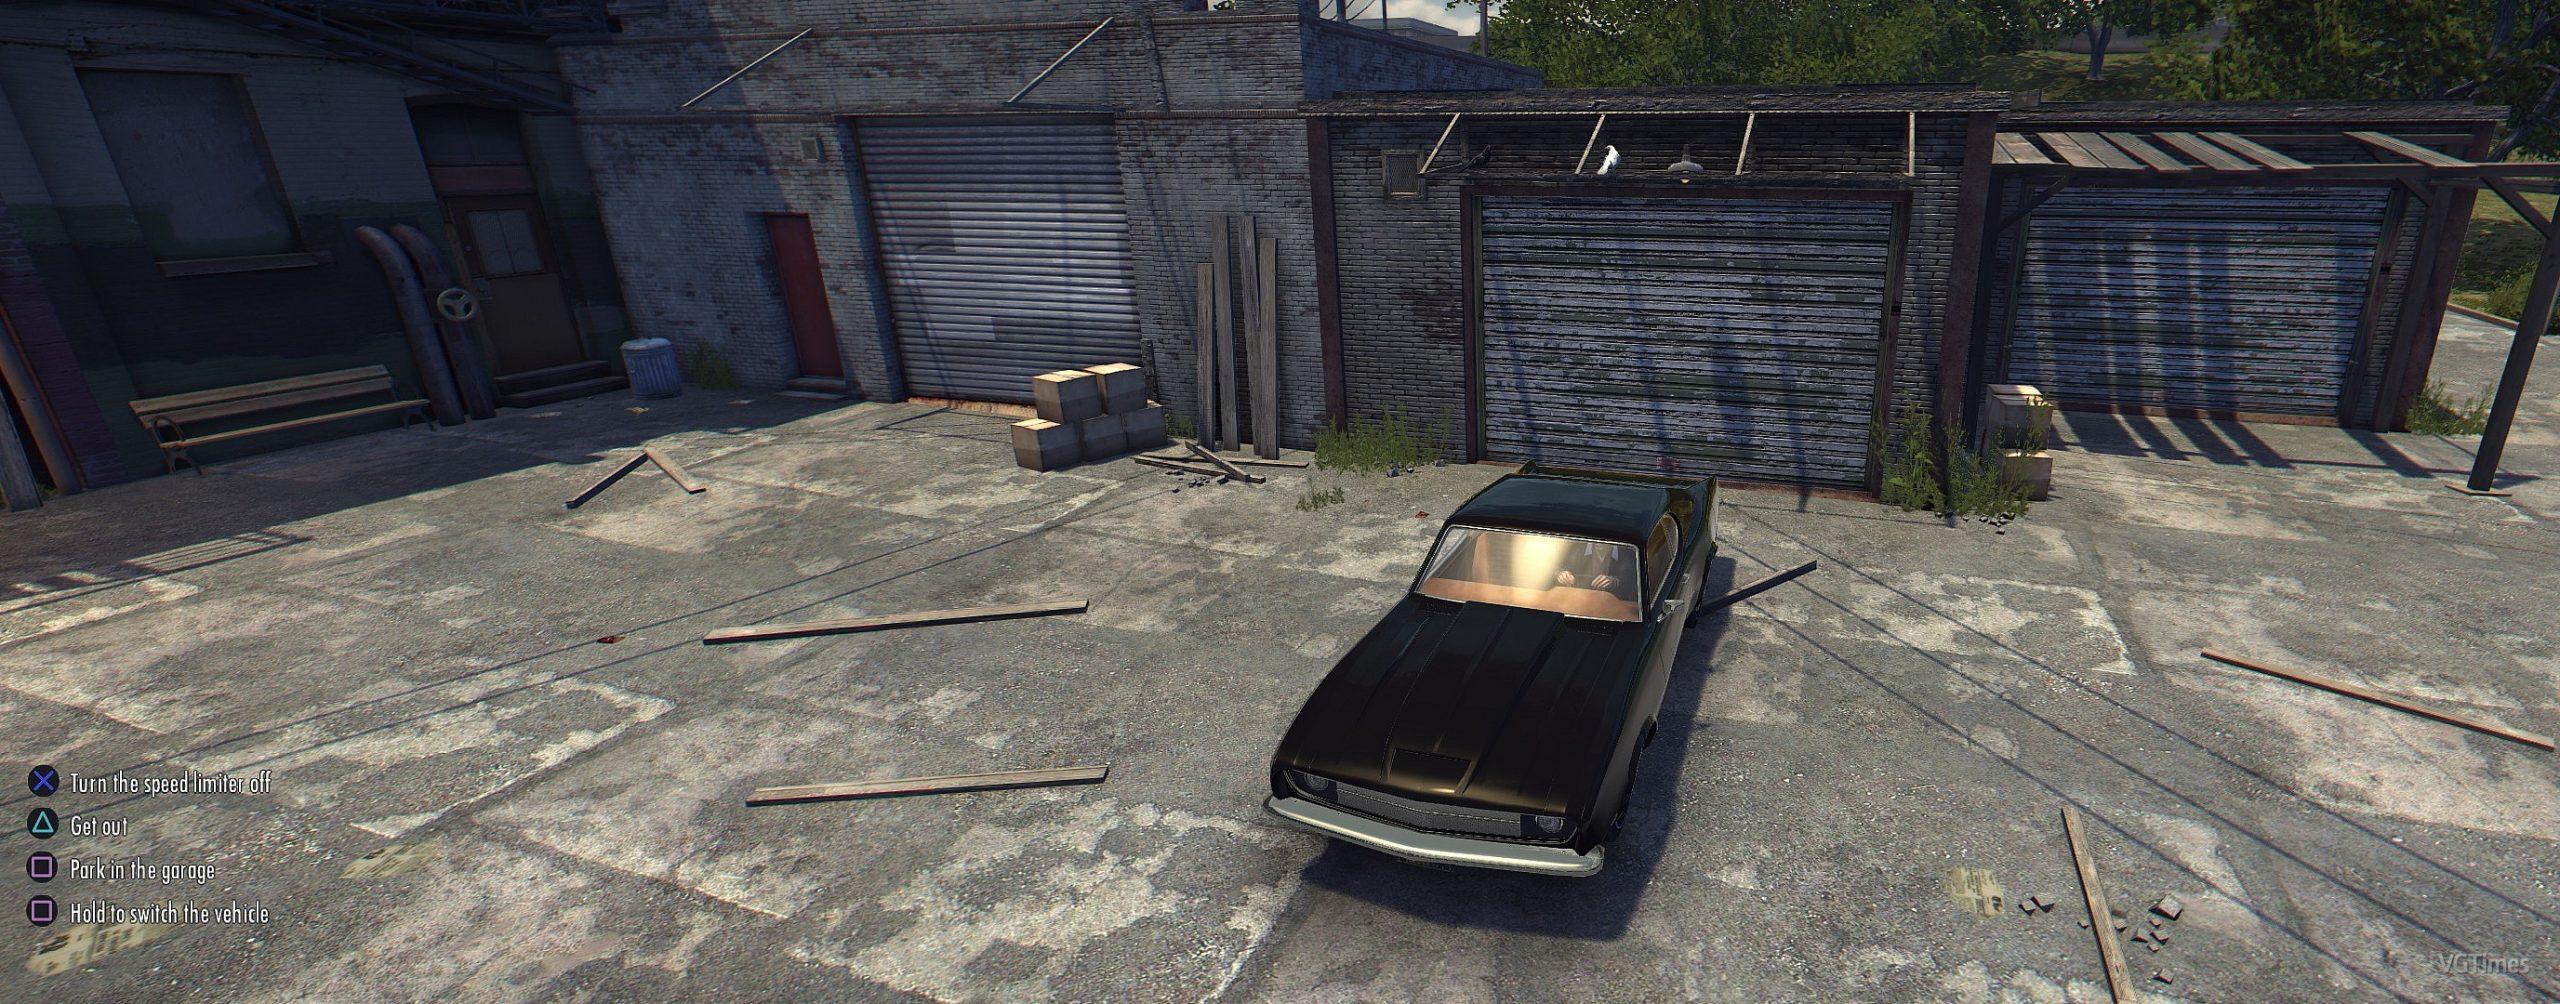 Иконки и поддержка джойстика PS4 для Mafia 2 Definitive Edition